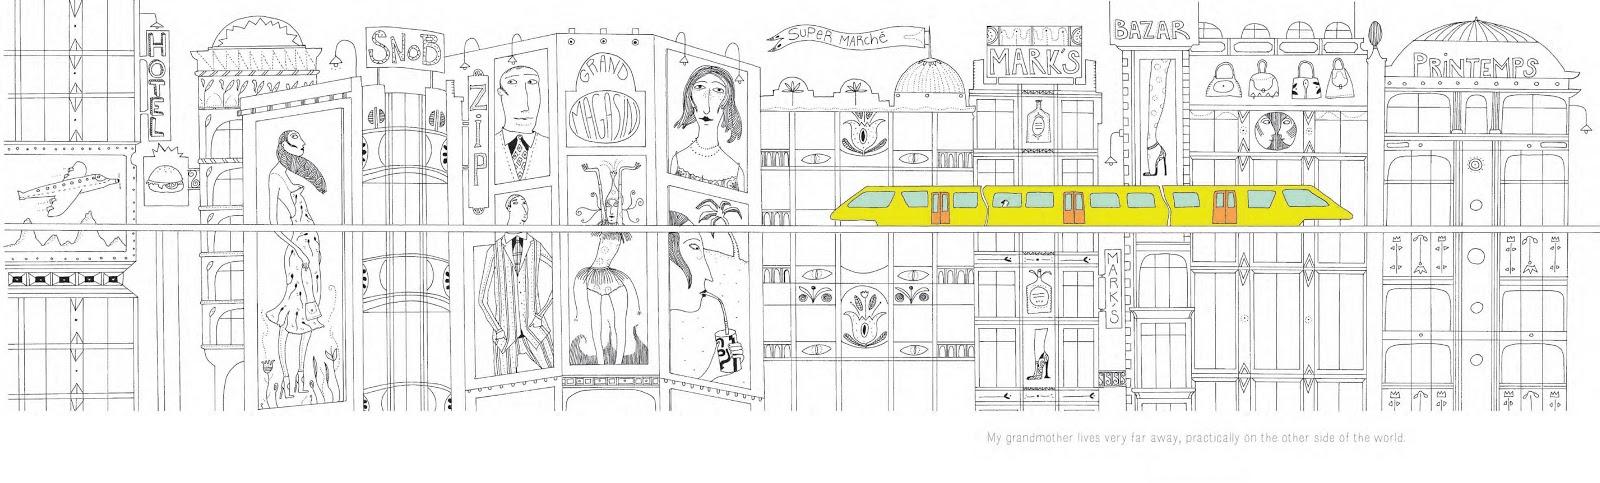 Иллюстрация к книге Ligne 135 (Линия 135)